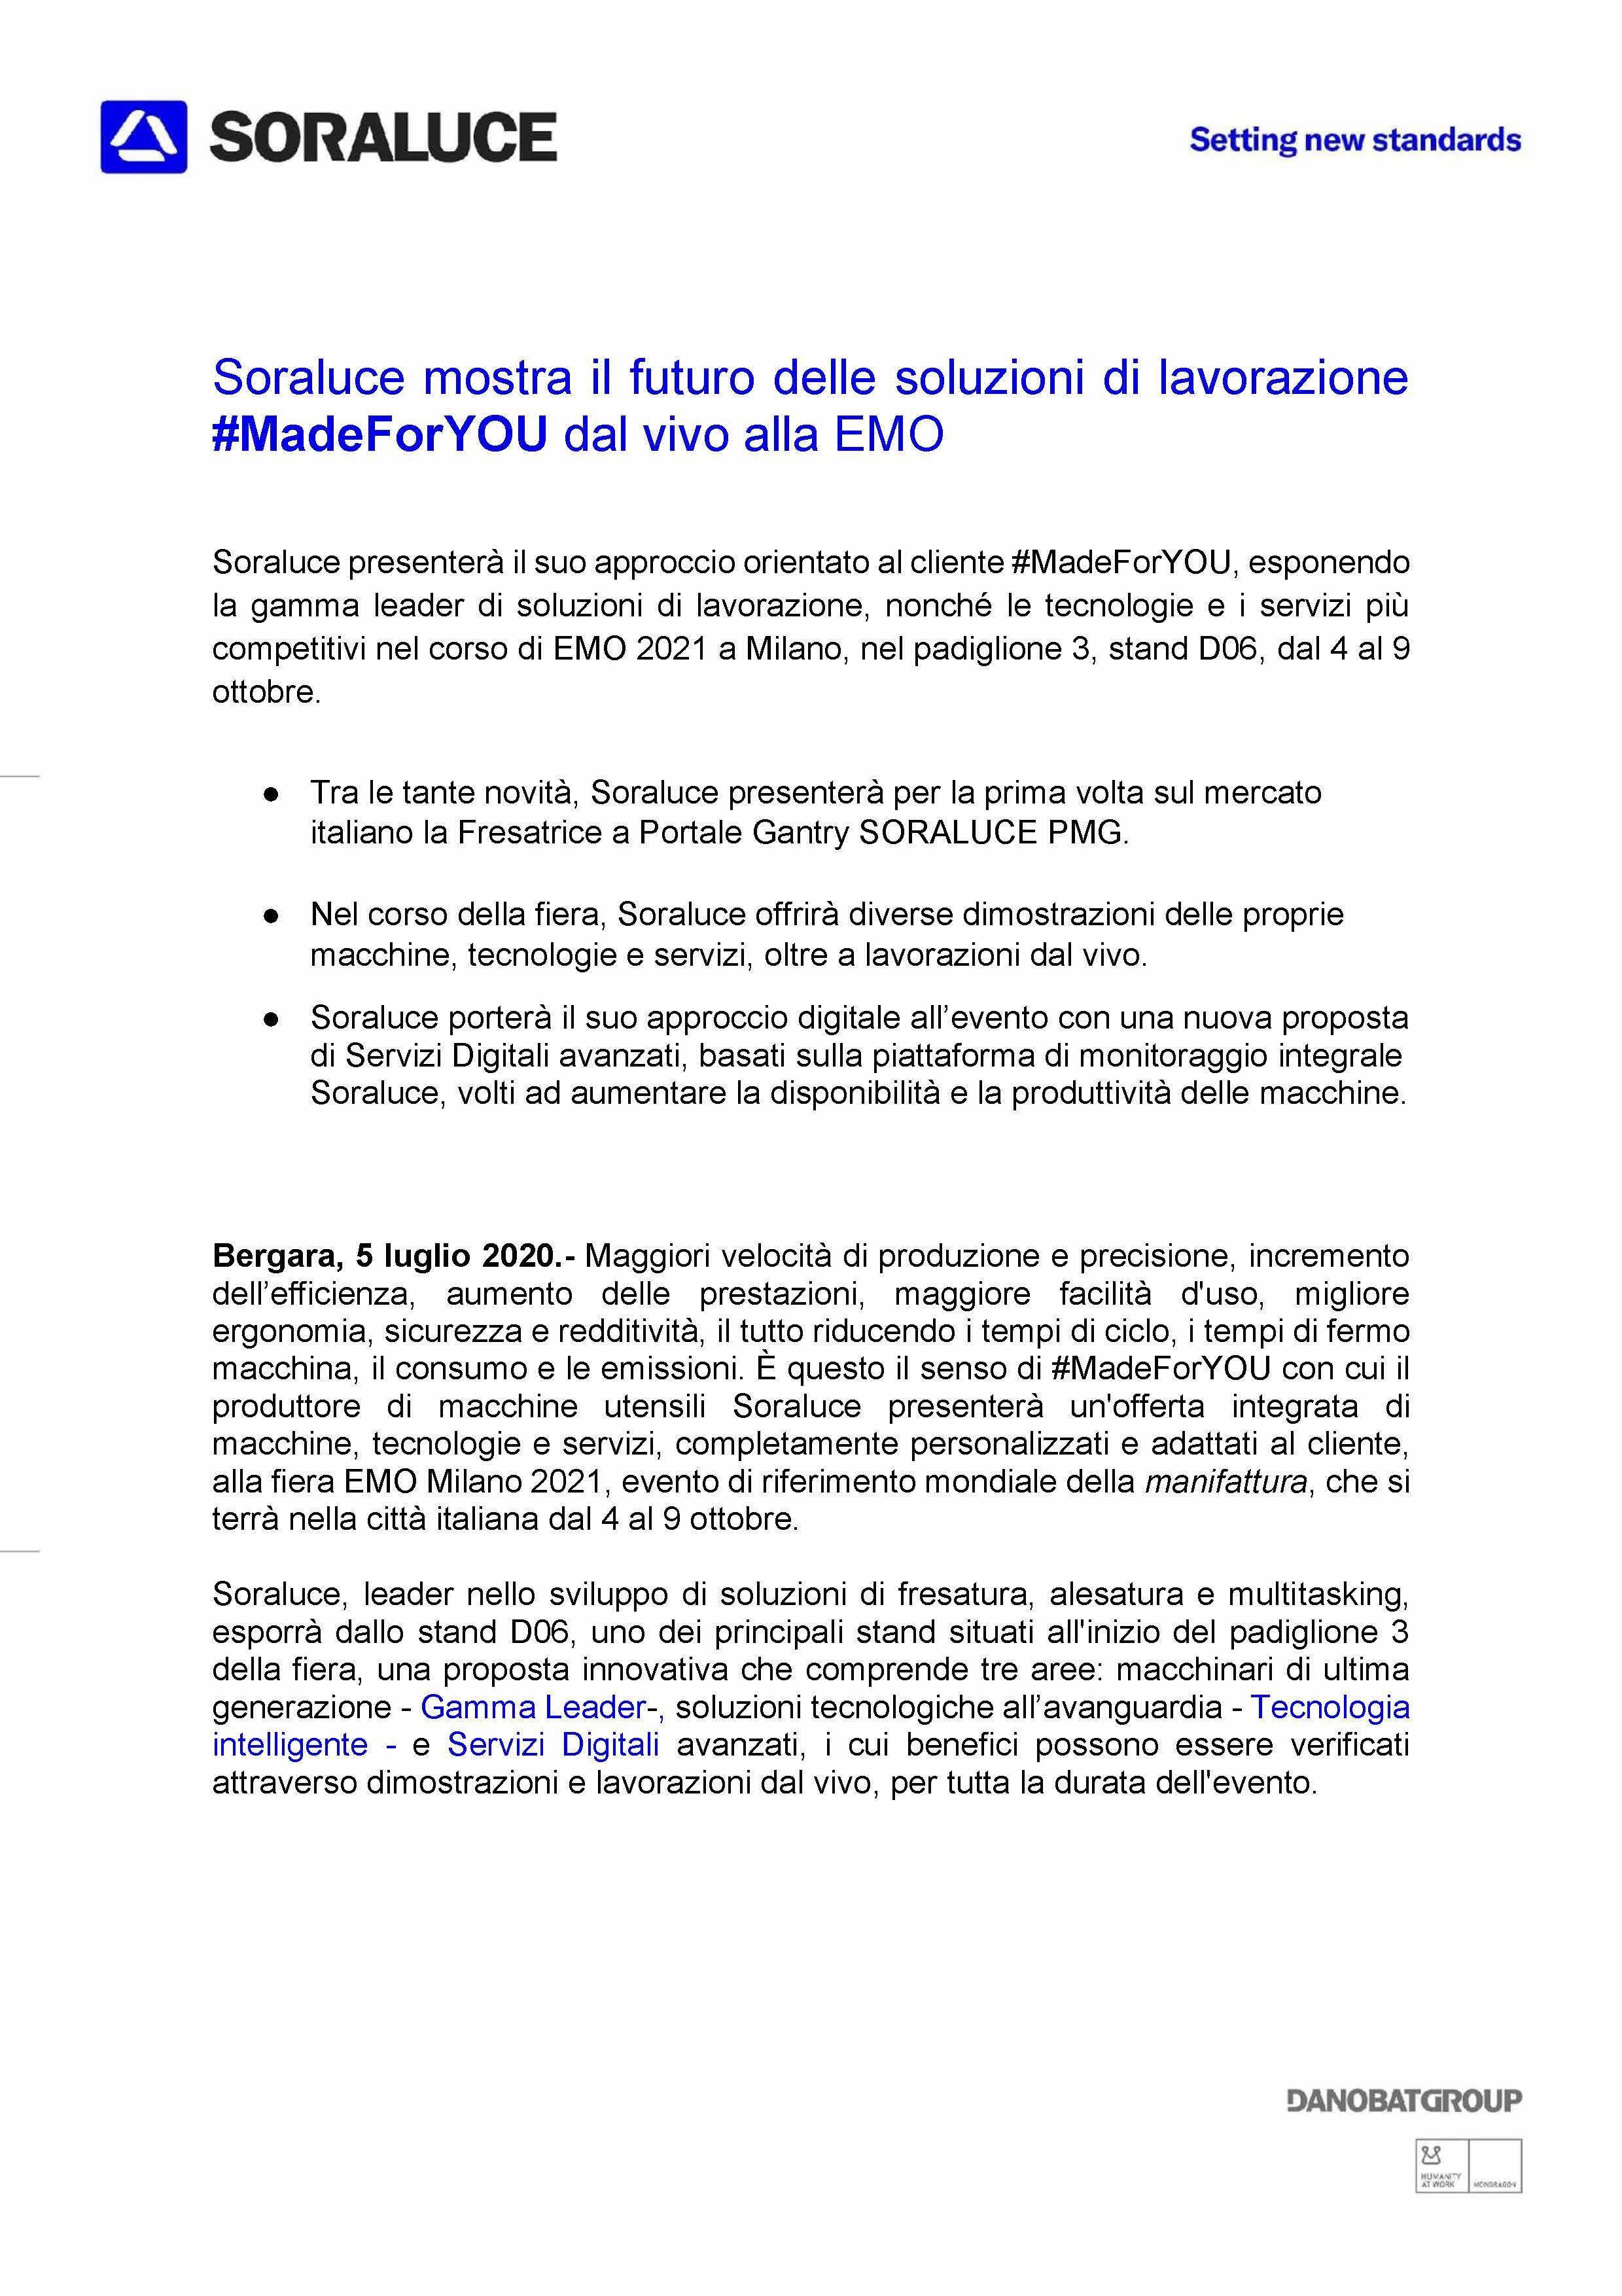 Comunicato stampa (italiano)